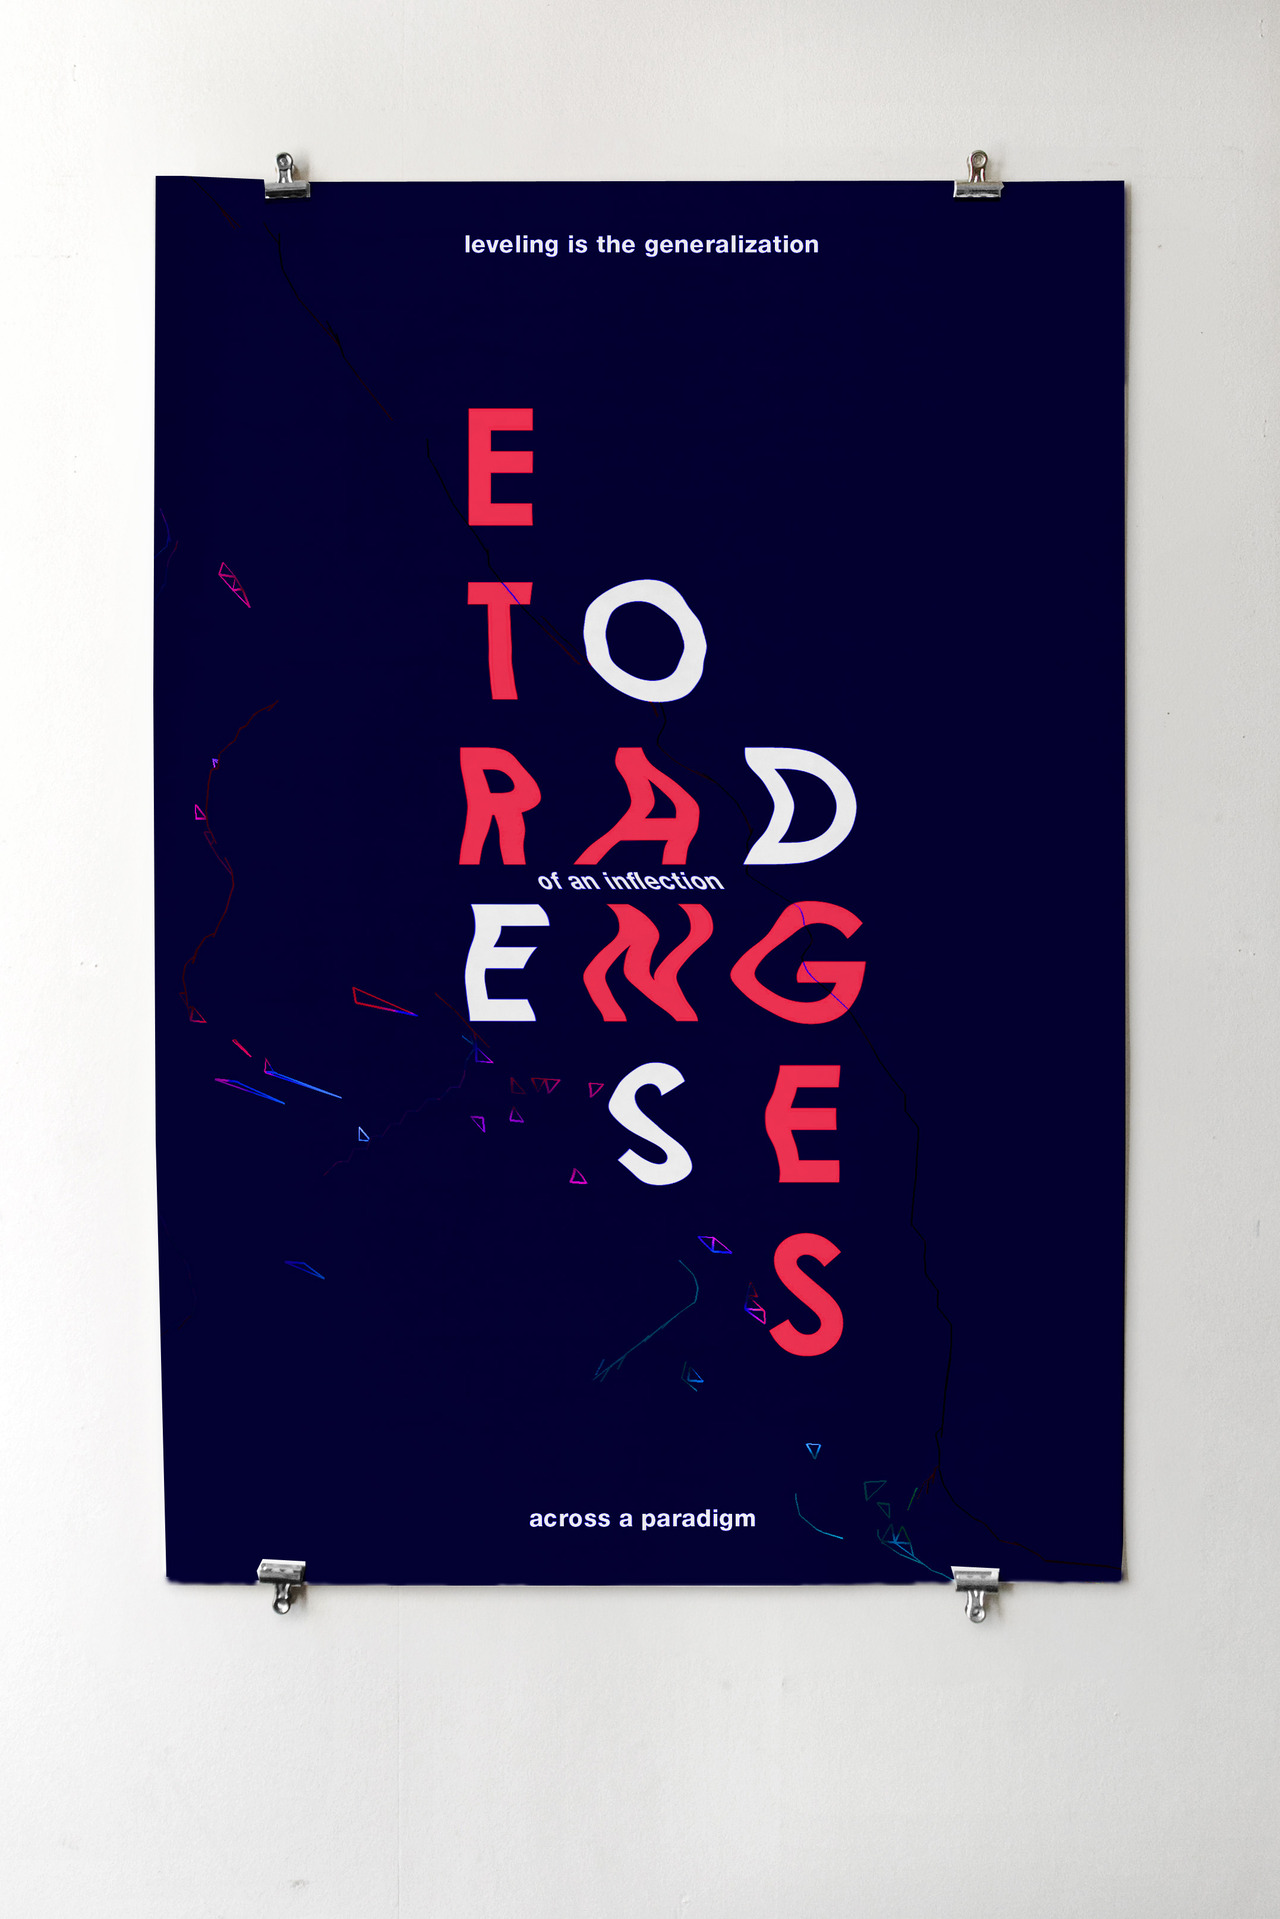 Poster design inspiration 2015 - 25 Christmas Poster Design Inspiration 2015 92 Pixels